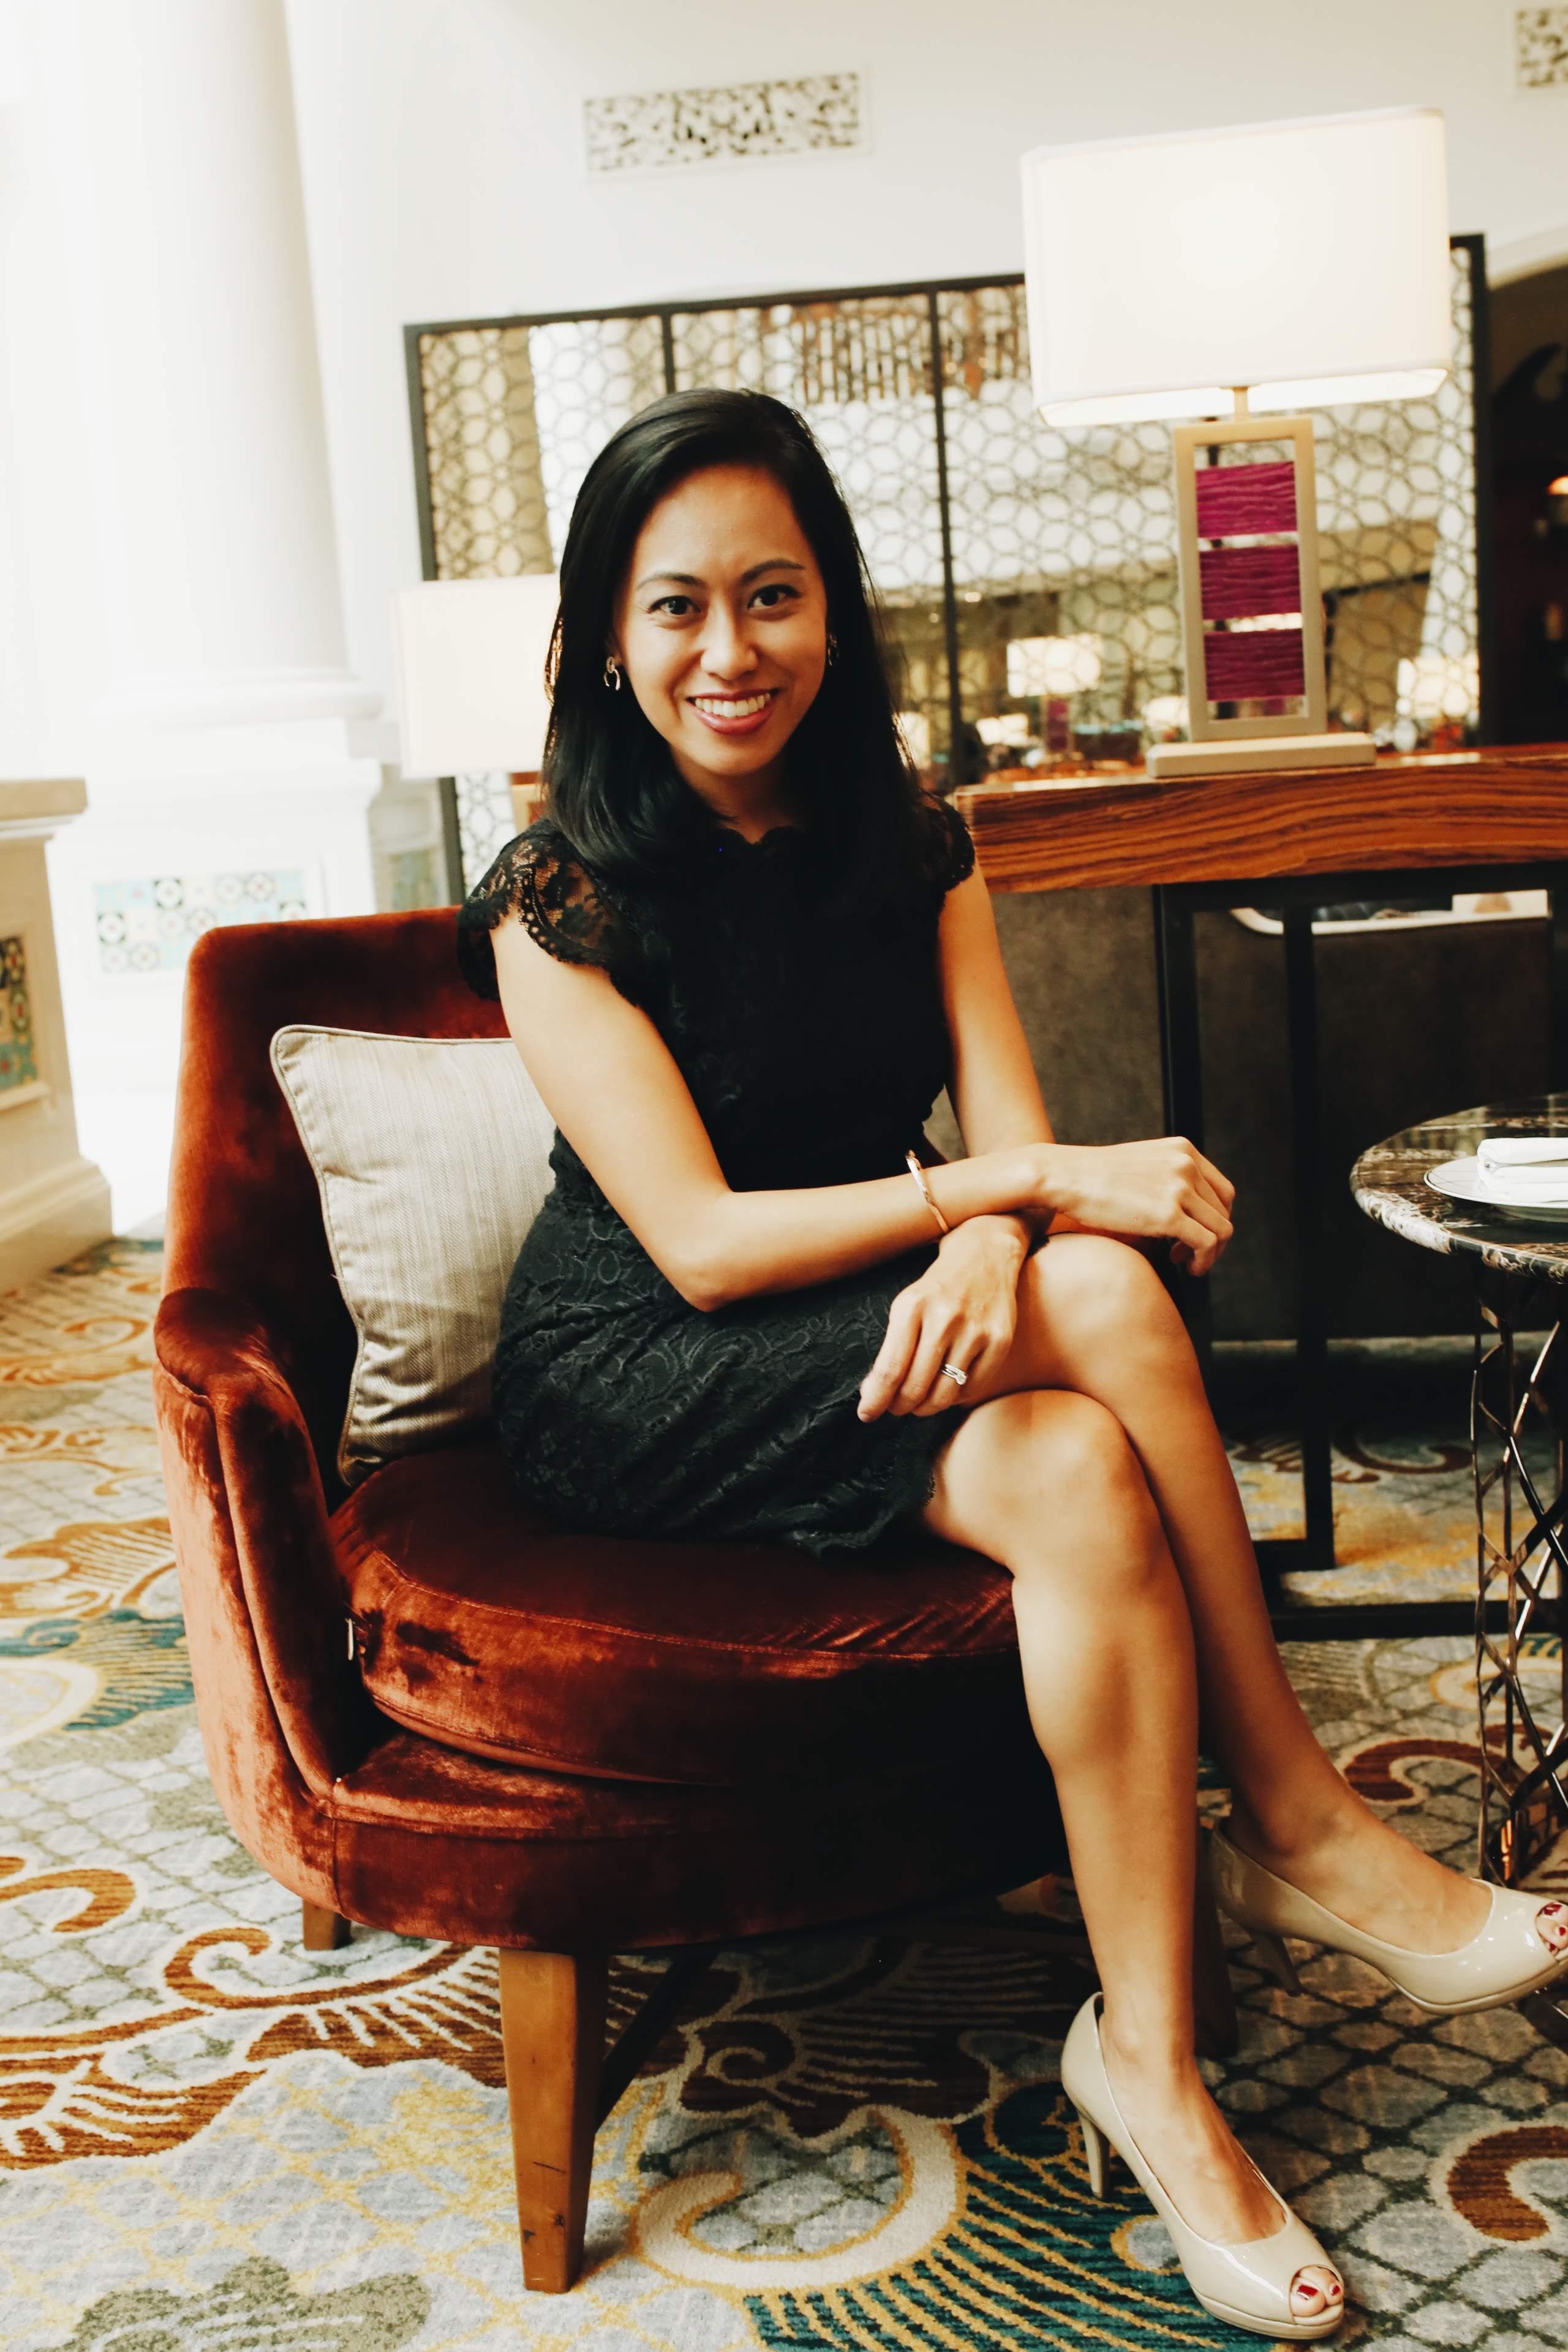 The Asian Mrs Blanding